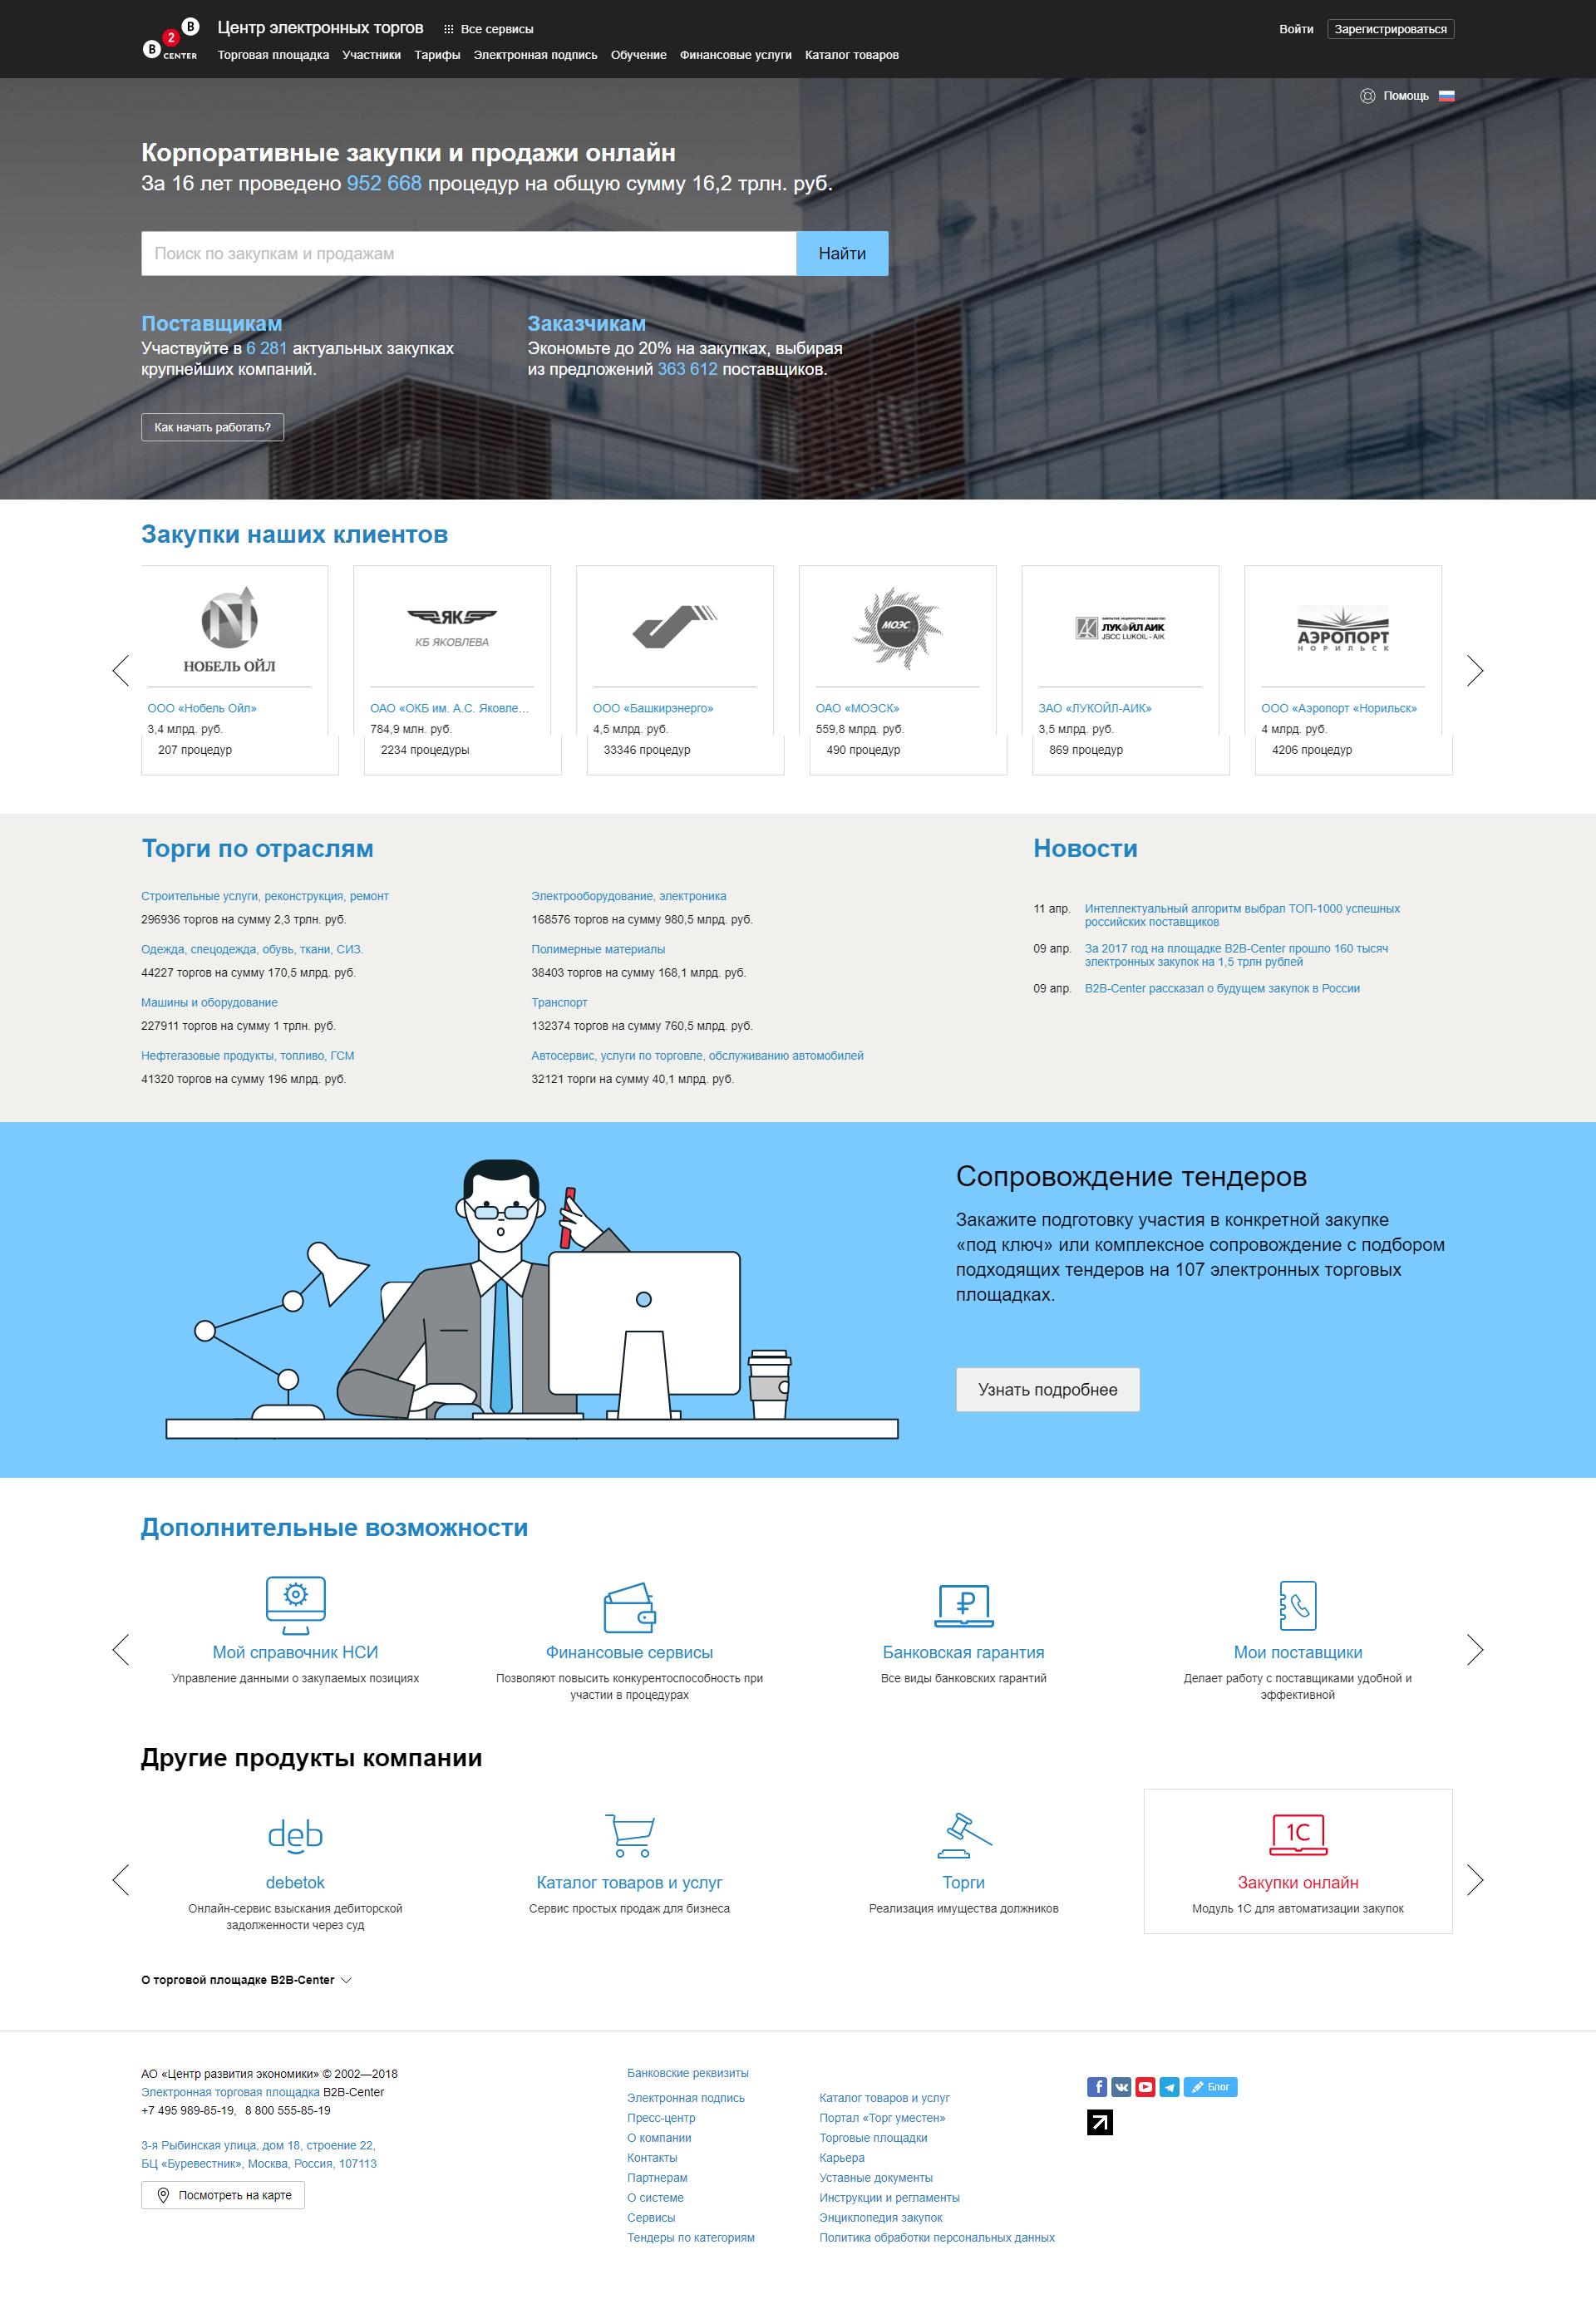 Сайт B2B